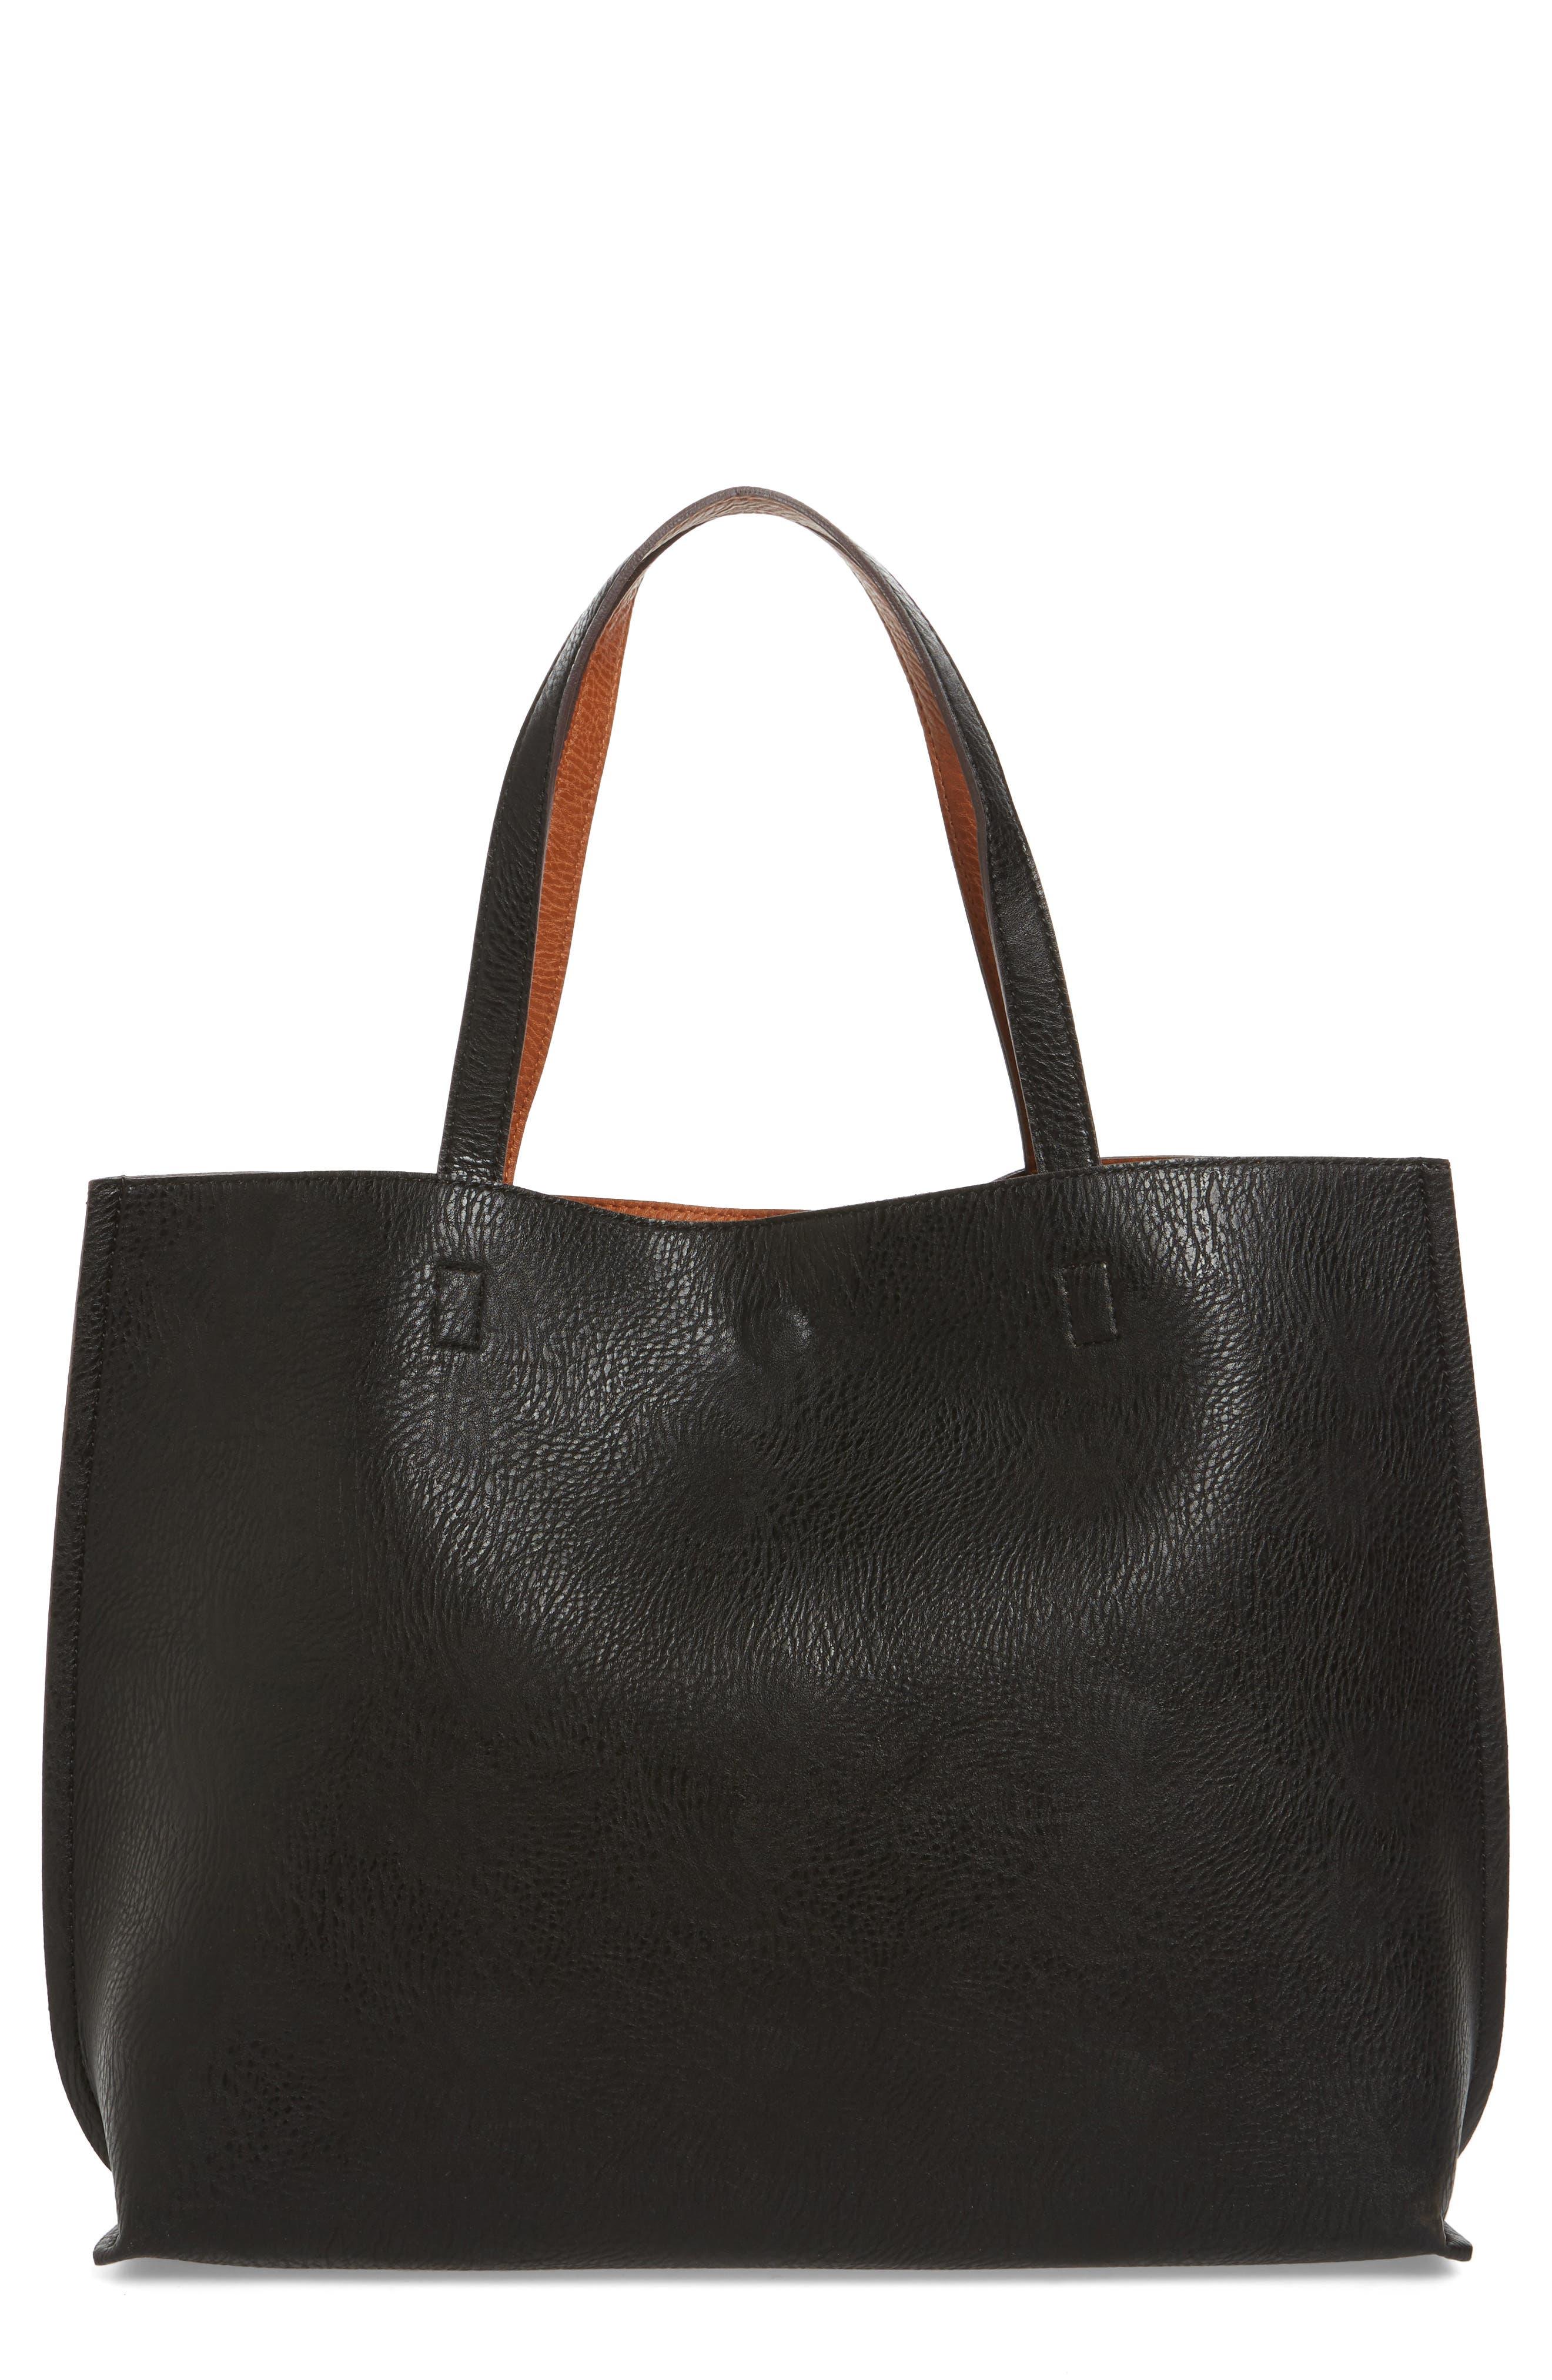 STREET LEVEL, Reversible Faux Leather Tote & Wristlet, Main thumbnail 1, color, BLACK/ COGNAC